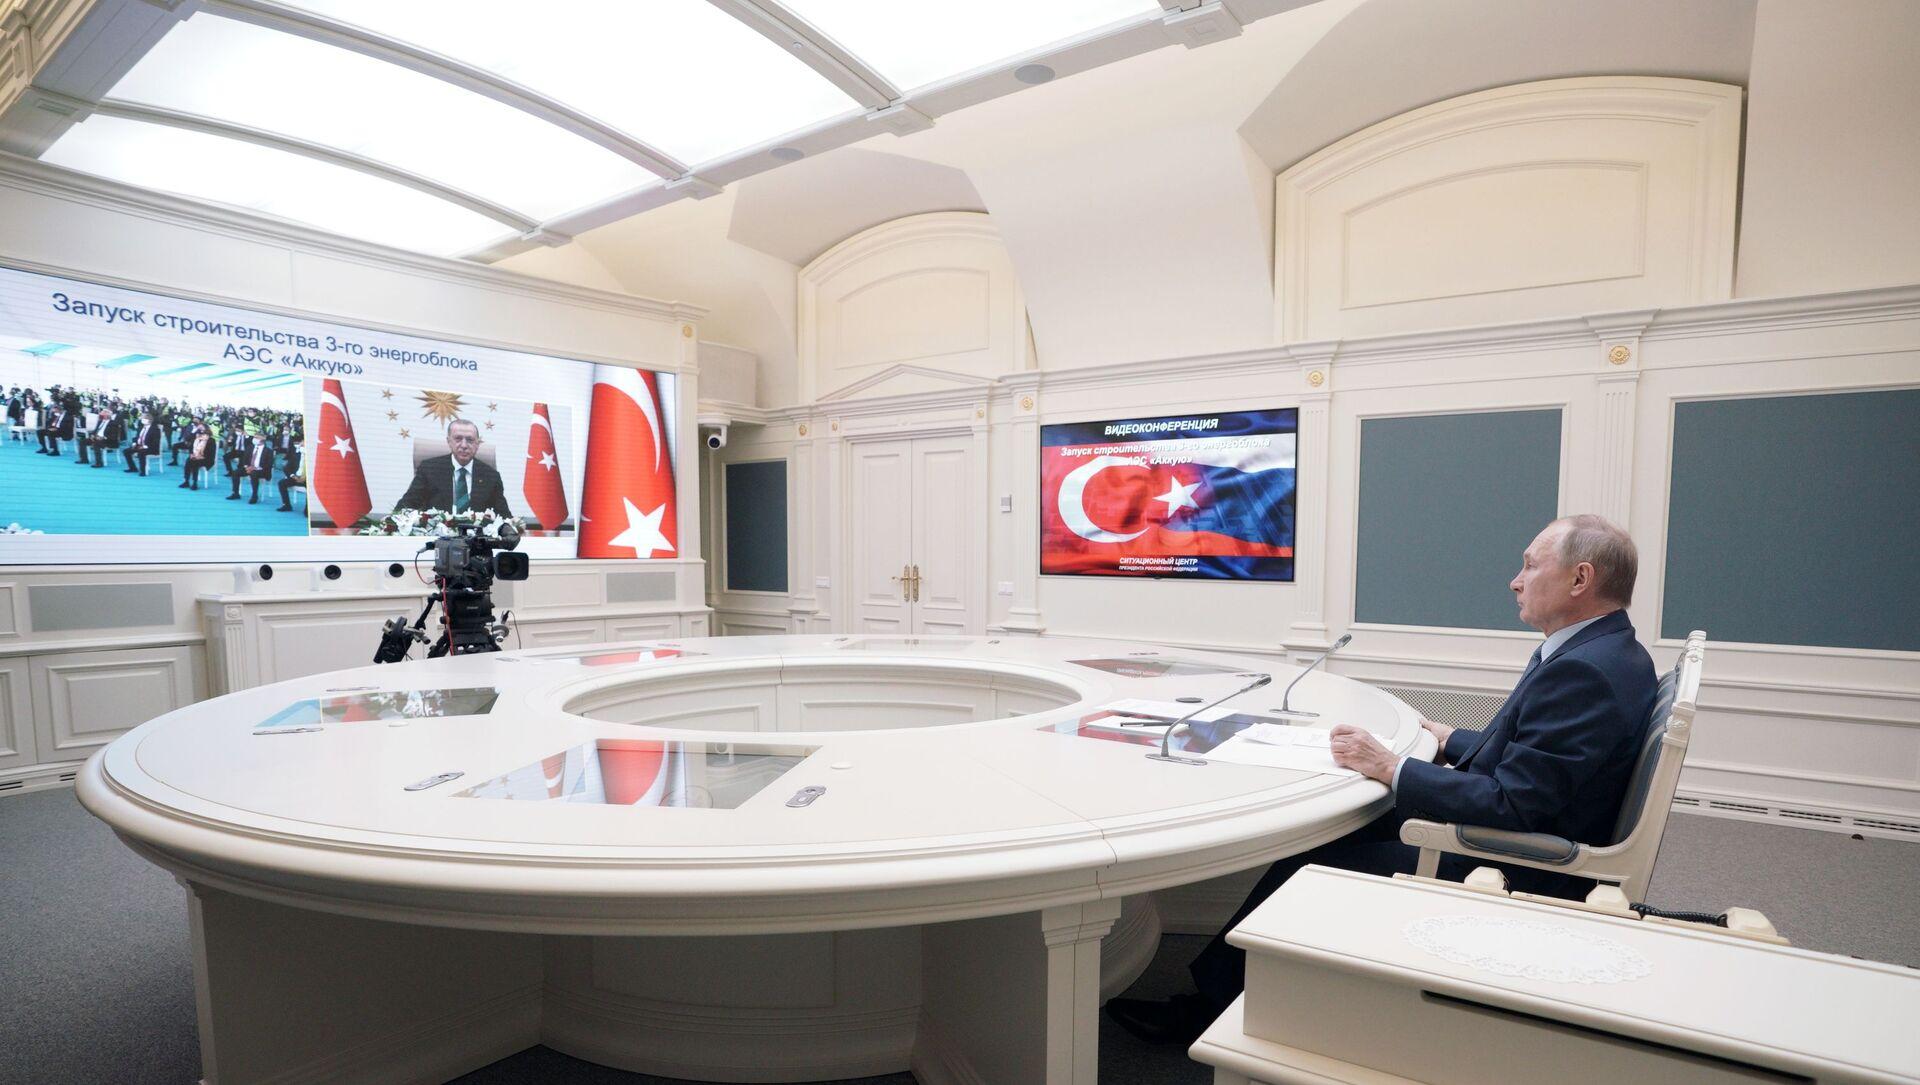 Президент РФ Владимир Путин и президент Турции Реджеп Тайип Эрдоган дали старт строительству третьего энергоблока АЭС Аккую, 10 марта 2021 - Sputnik Латвия, 1920, 10.03.2021